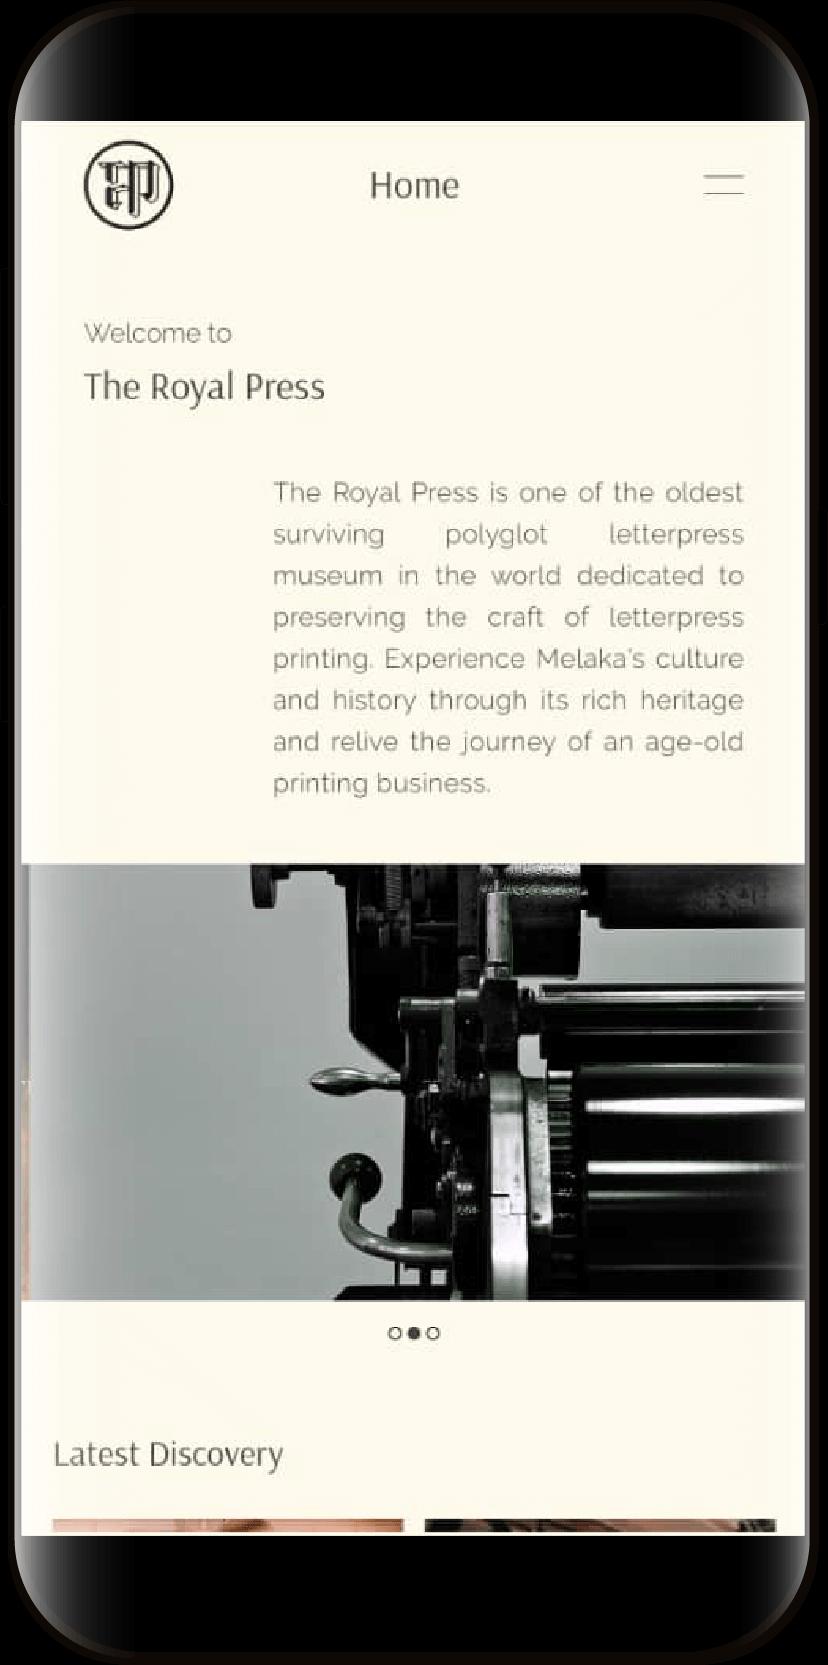 The Royal Press